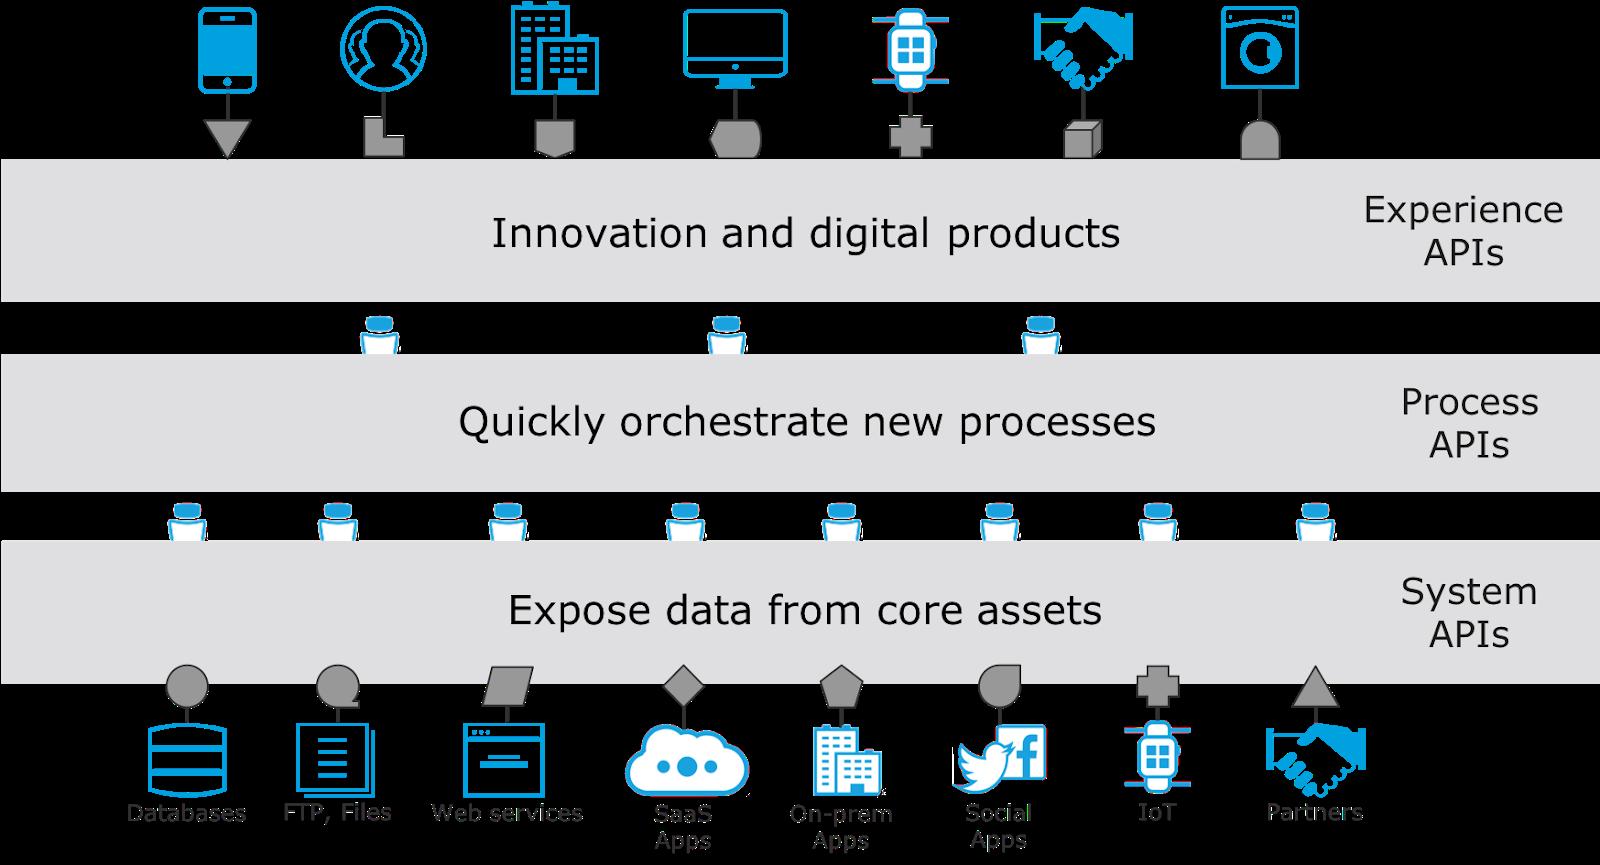 Die API-Schichten beginnen mit System-APIs zum Verbinden von Anwendungen und Diensten. In der Mitte befinden sich Prozess-APIs, die für Orchestrierung zuständig sind. Dann folgen Benutzererfahrungs-APIs, die eigens für Anwendungen entwickelt werden.